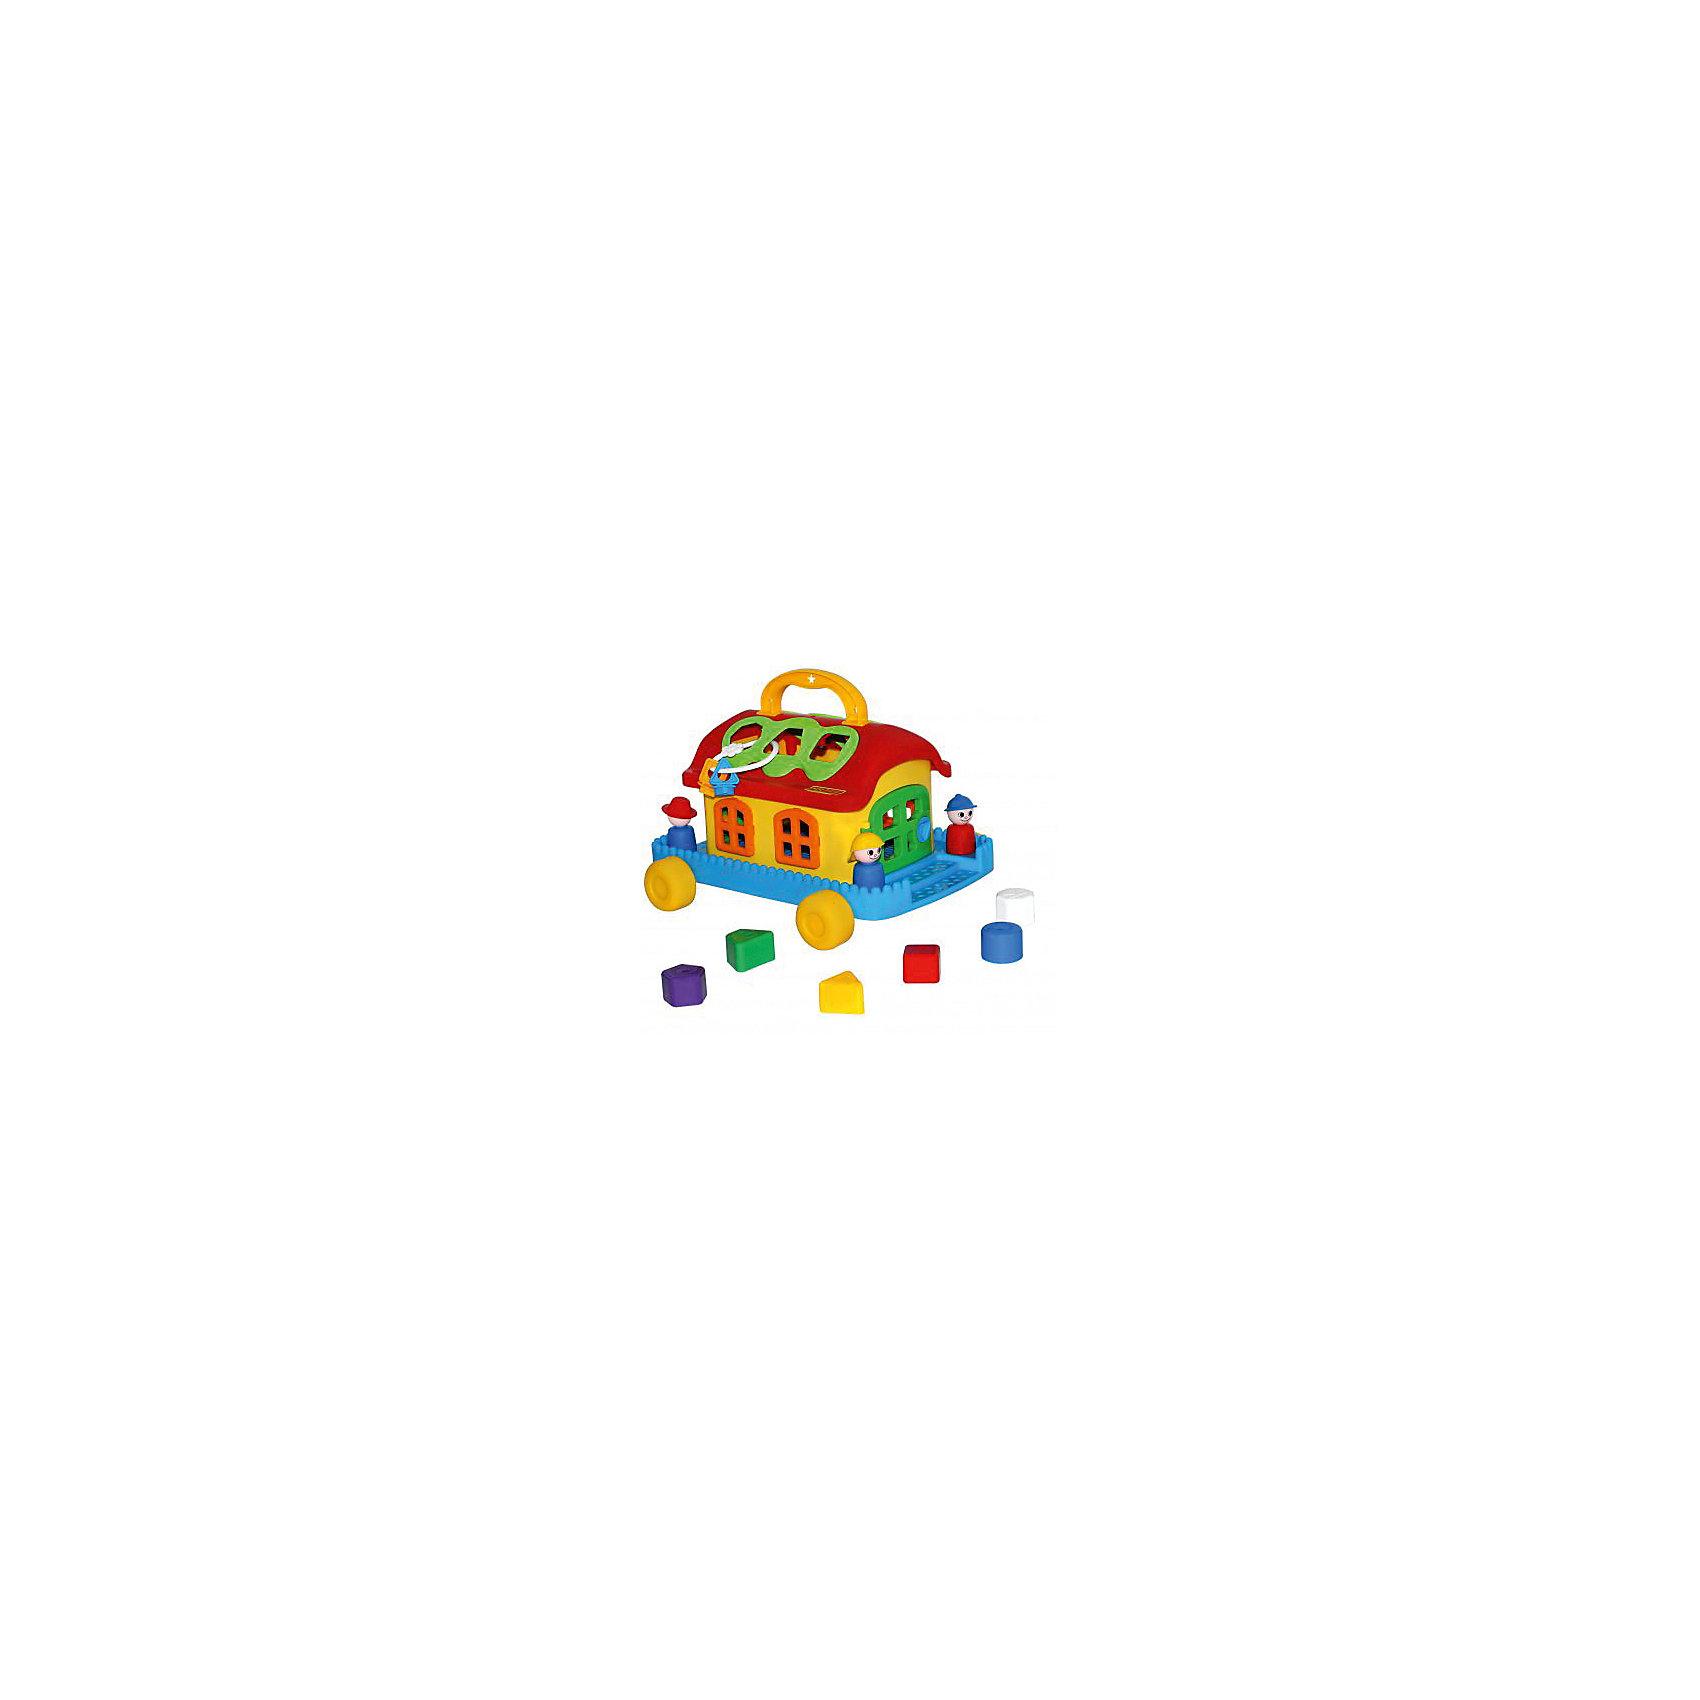 Сказочный домик на колесиках, ПолесьеСортеры<br>Сказочный домик на колесиках, Полесье.<br><br>Характеристики:<br><br>-В наборе: каталка-домик, 6 разноцветных блоков, фигурки человечков, связка ключей<br>- Размер домика: 32х26х18.4 см.<br>- Материал: высококачественная пластмасса<br>- Упаковка: сетка<br><br>Развивающая игрушка Сказочный домик является одновременно каталкой и сортером. В наборе шесть разноцветных деталей различной формы, а в крыше домика есть отверстия, в которые нужно вставлять вкладыши: круг, треугольник, квадрат, трапецию, шестиугольник, пятиугольник. Доставать детальки можно через две двери, закрывающиеся каждая на свой ключ. В наборе имеются фигурки человечков. Они легко устанавливаются на платформе при помощи специальных штырьков. Игрушка окрашена в яркие радужные цвета. Домик стоит на подставке с колесиками, при желании его можно катать. На крыше домика предусмотрена ручка для переноске. Занятия с игрушкой развивают логическое мышление малыша, координацию движений и моторику рук, а также знакомит ребенка с геометрическими фигурами, цветами.<br><br>Сказочный домик на колесиках, Полесье можно купить в нашем интернет-магазине.<br><br>Ширина мм: 320<br>Глубина мм: 260<br>Высота мм: 184<br>Вес г: 820<br>Возраст от месяцев: 24<br>Возраст до месяцев: 60<br>Пол: Унисекс<br>Возраст: Детский<br>SKU: 4763444